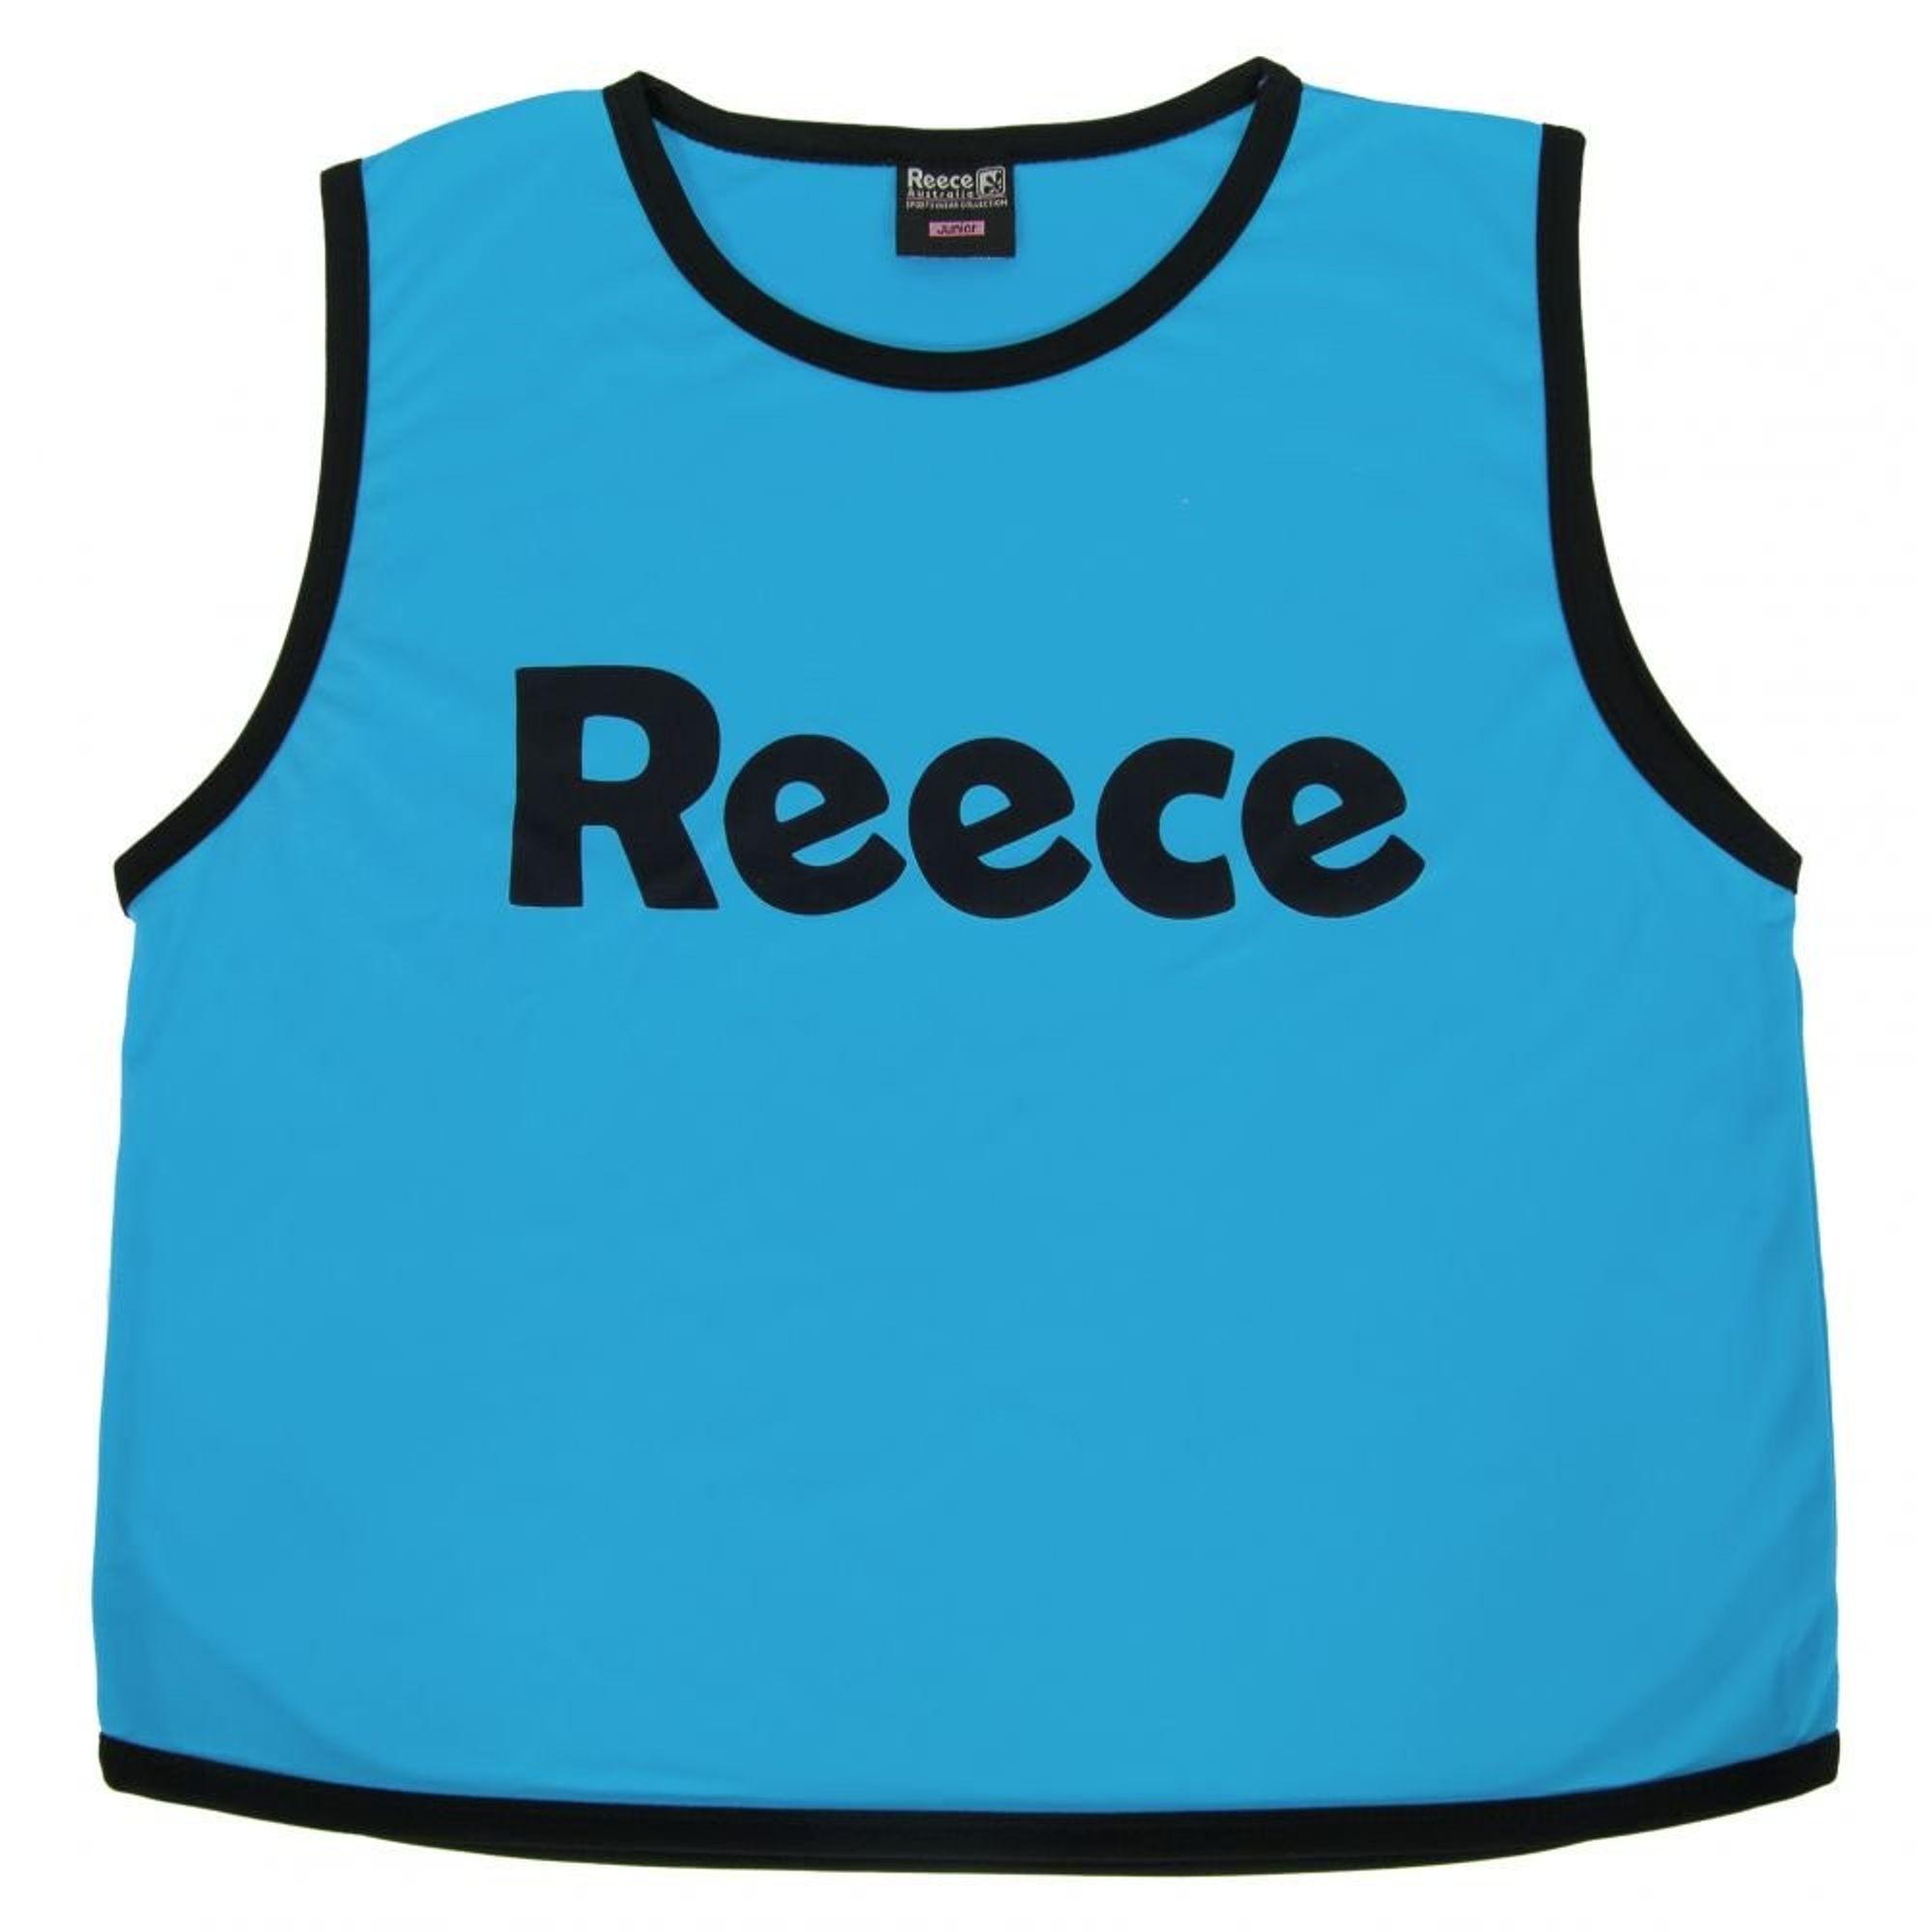 Reece Hockey Kennzeichnungshemd - Aqua Blue